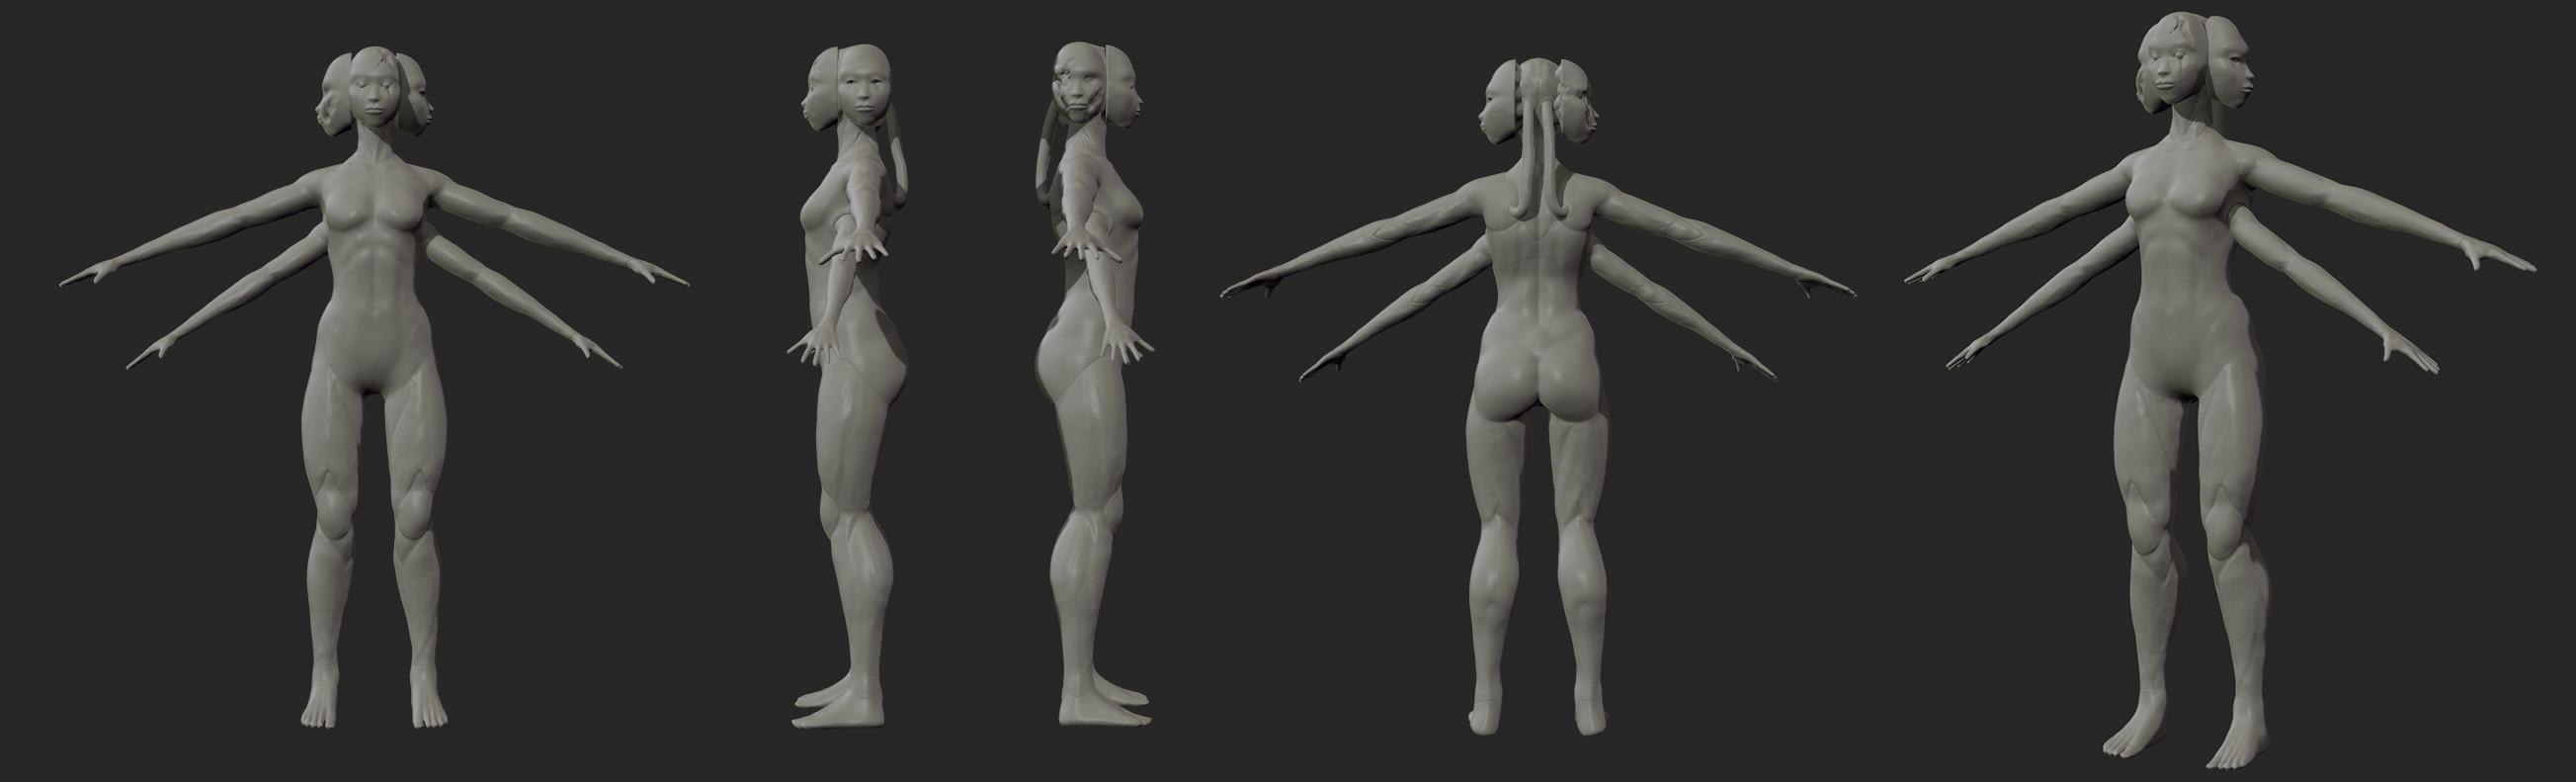 character sculpt process shot